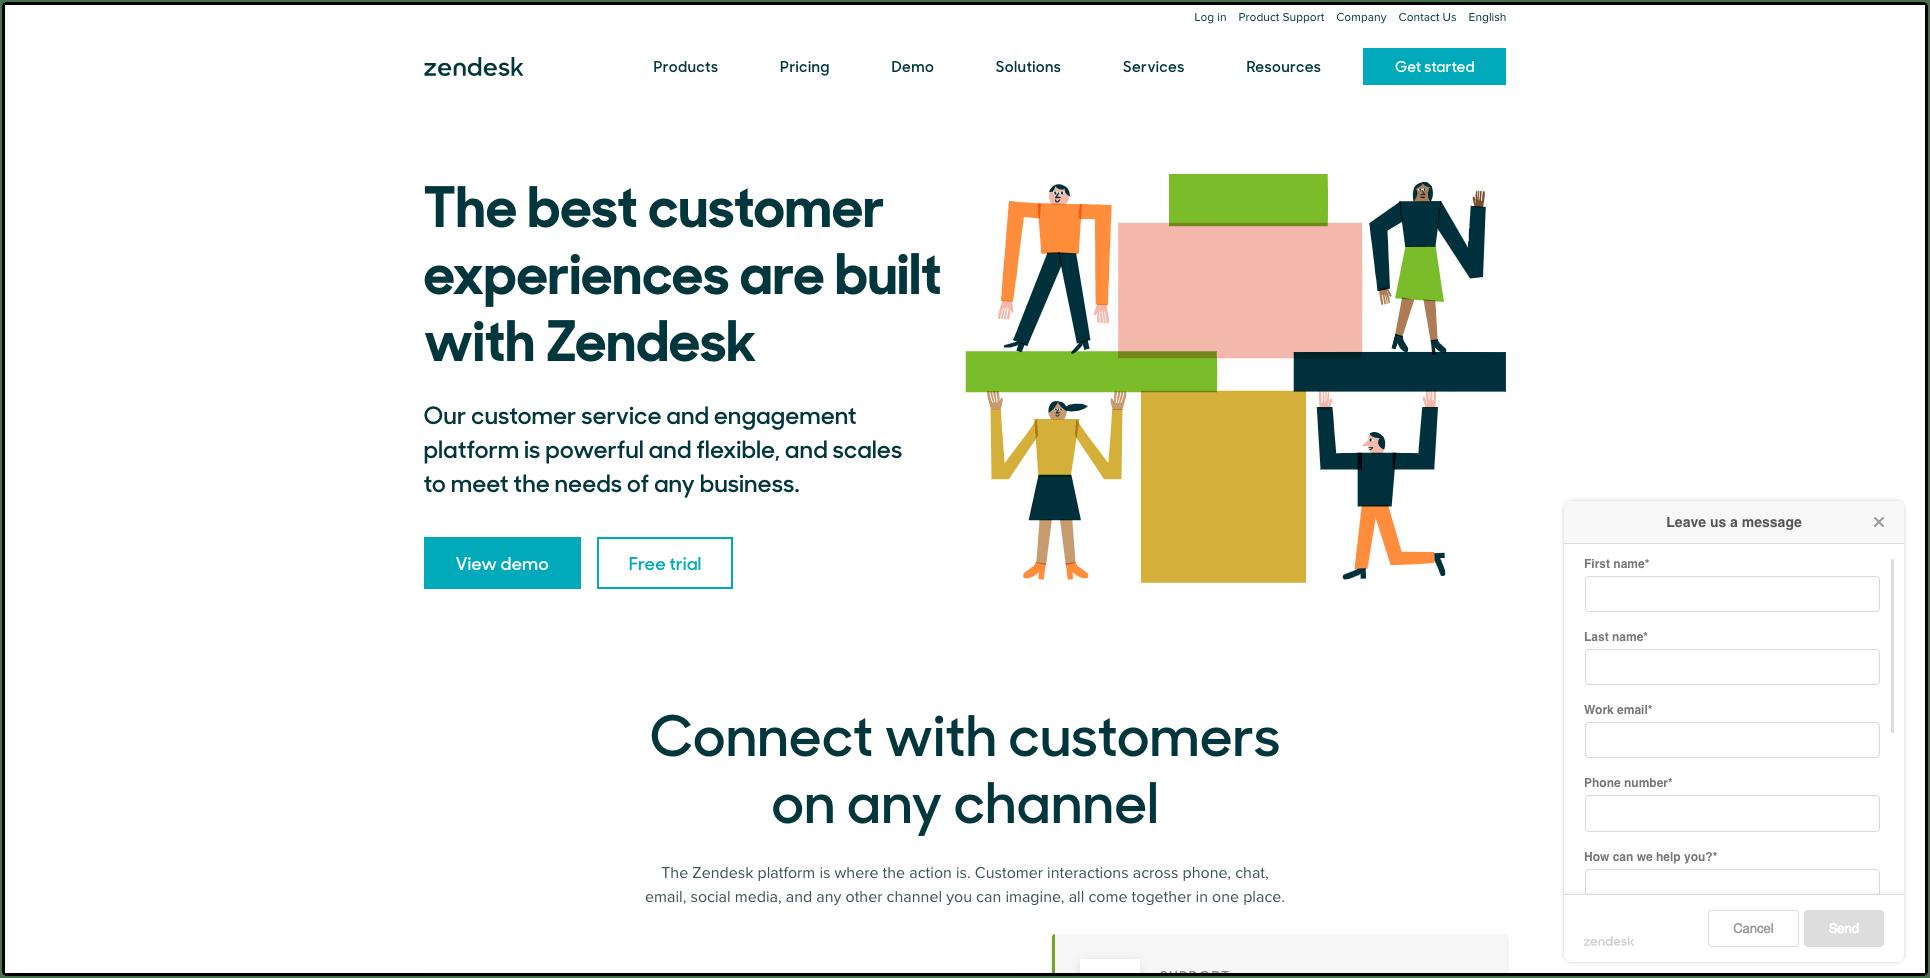 Zendesk website